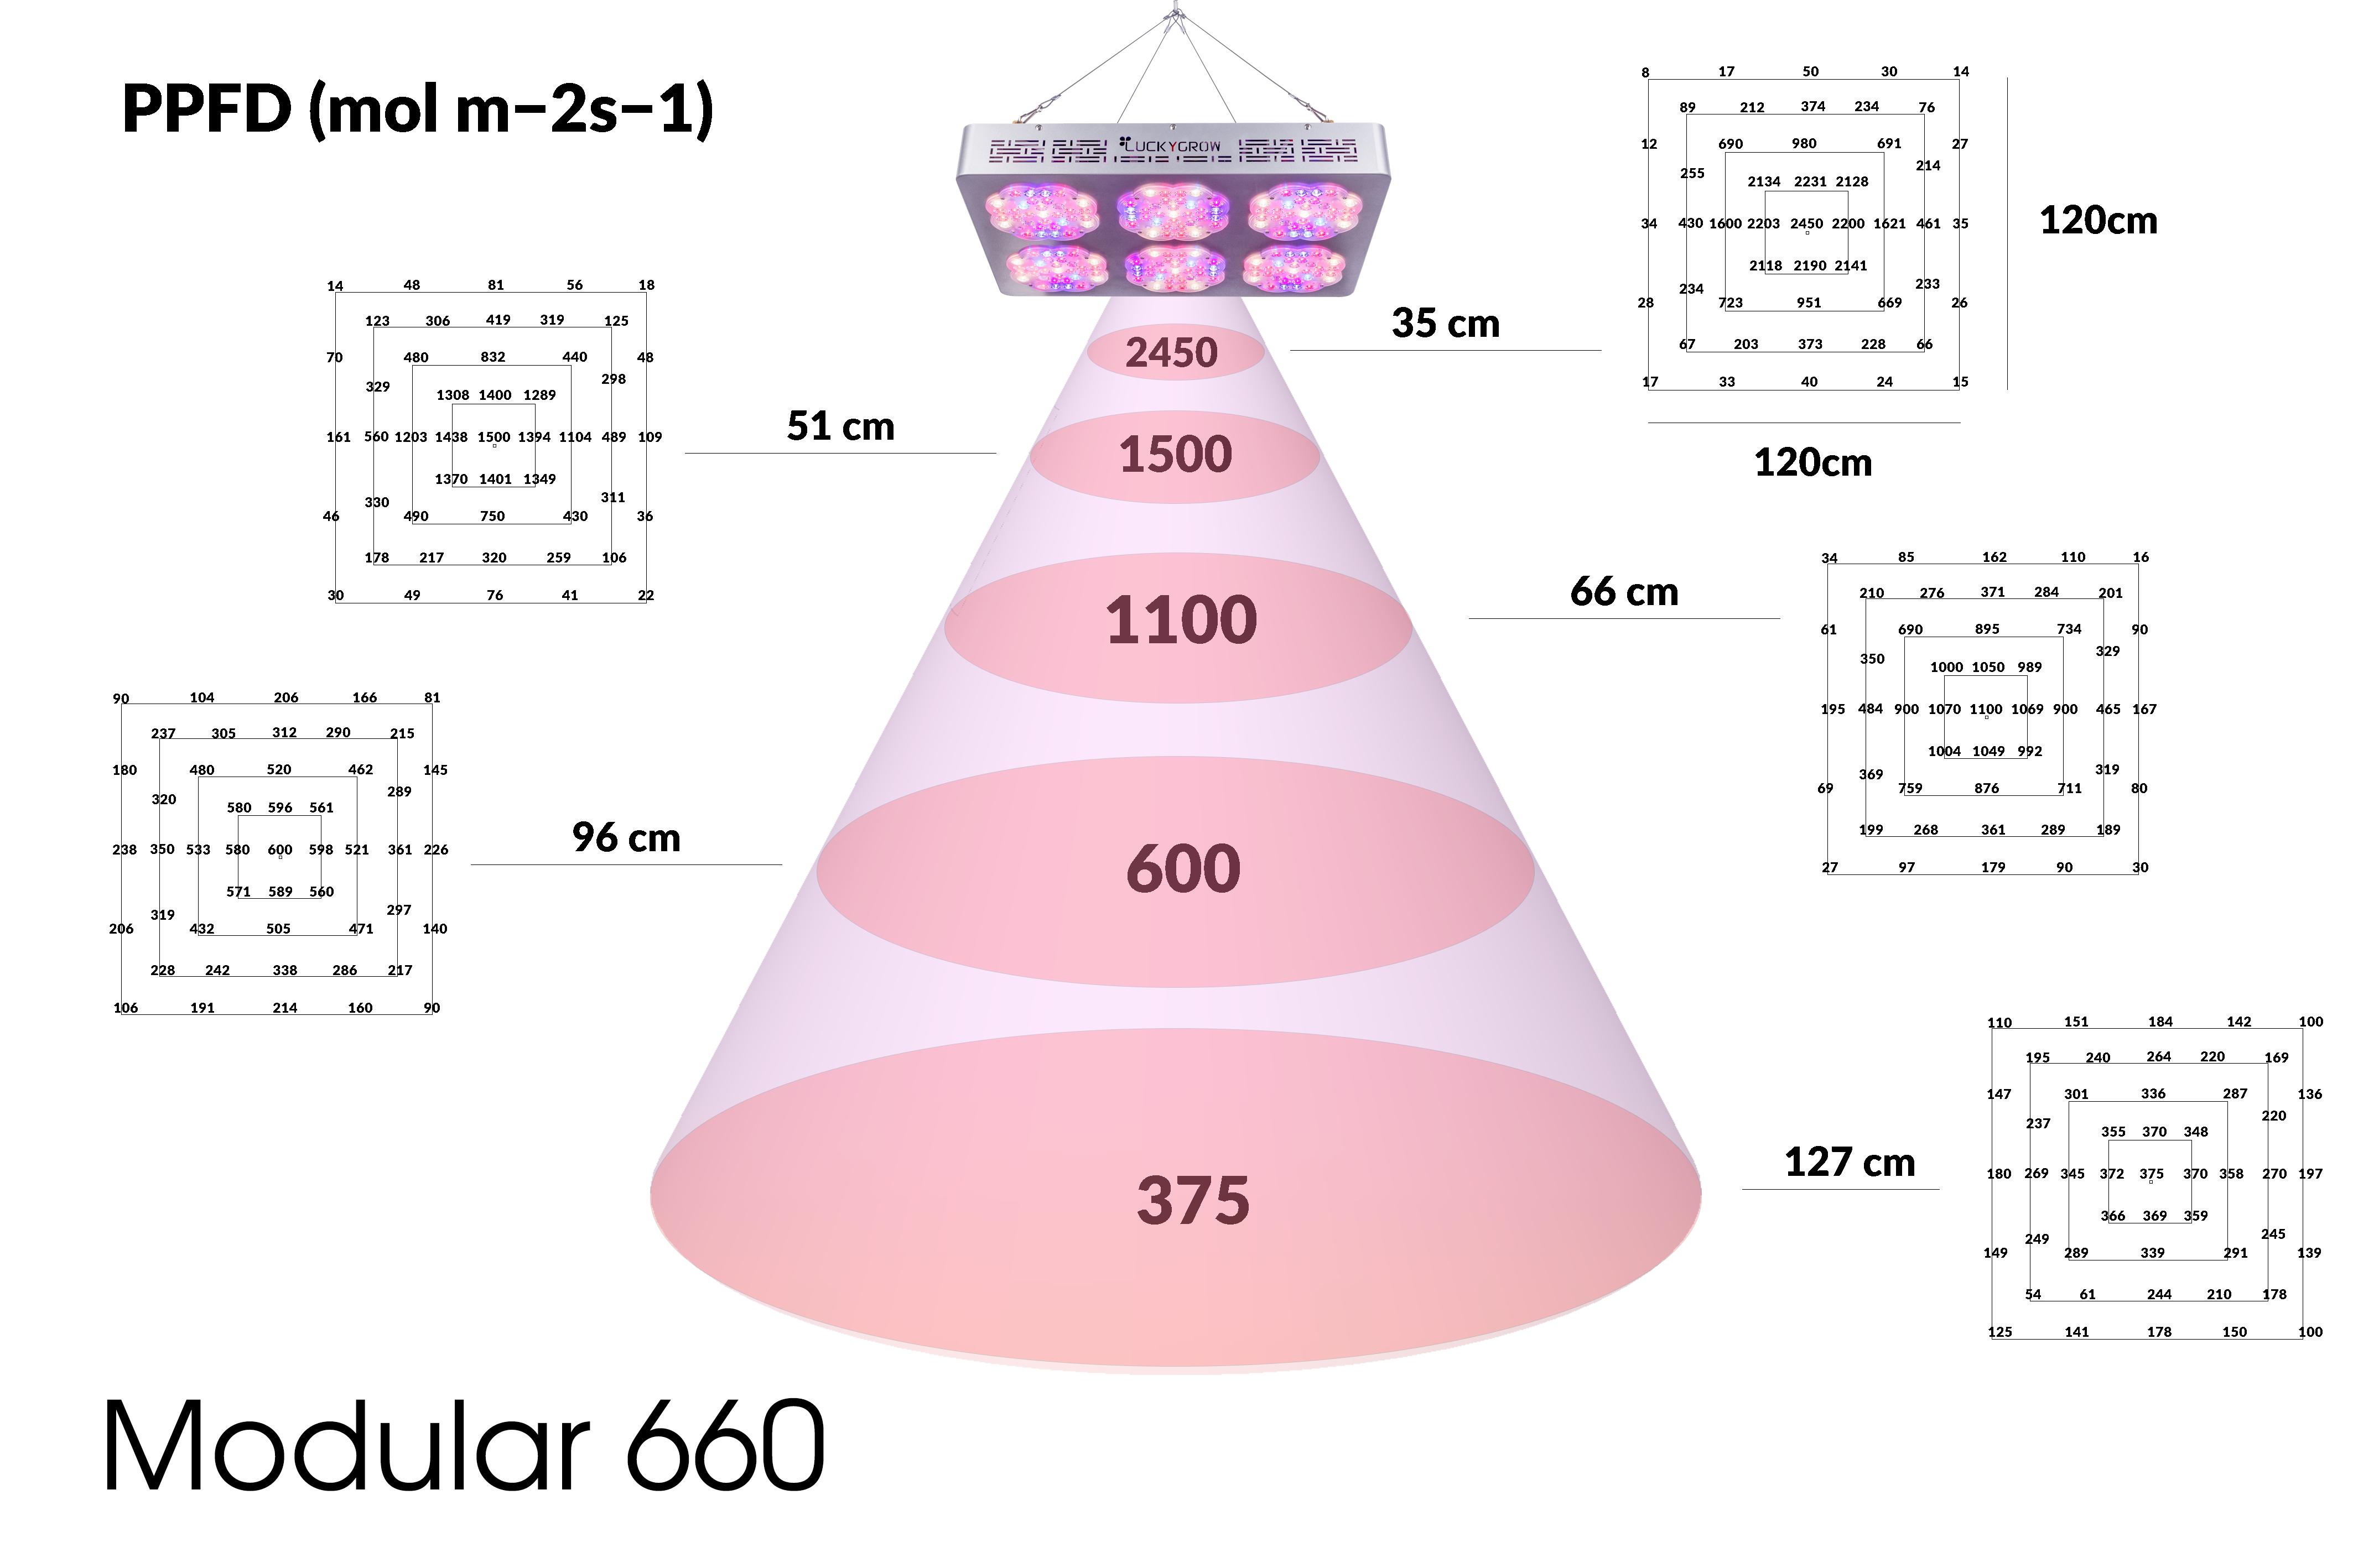 Luckygrow modular660 PAR